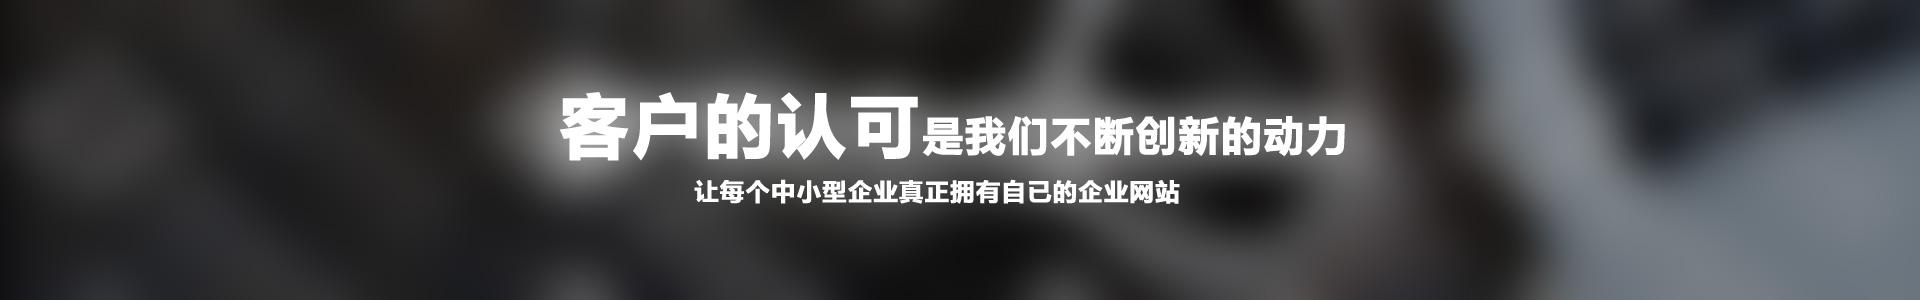 北京400电话怎么办理